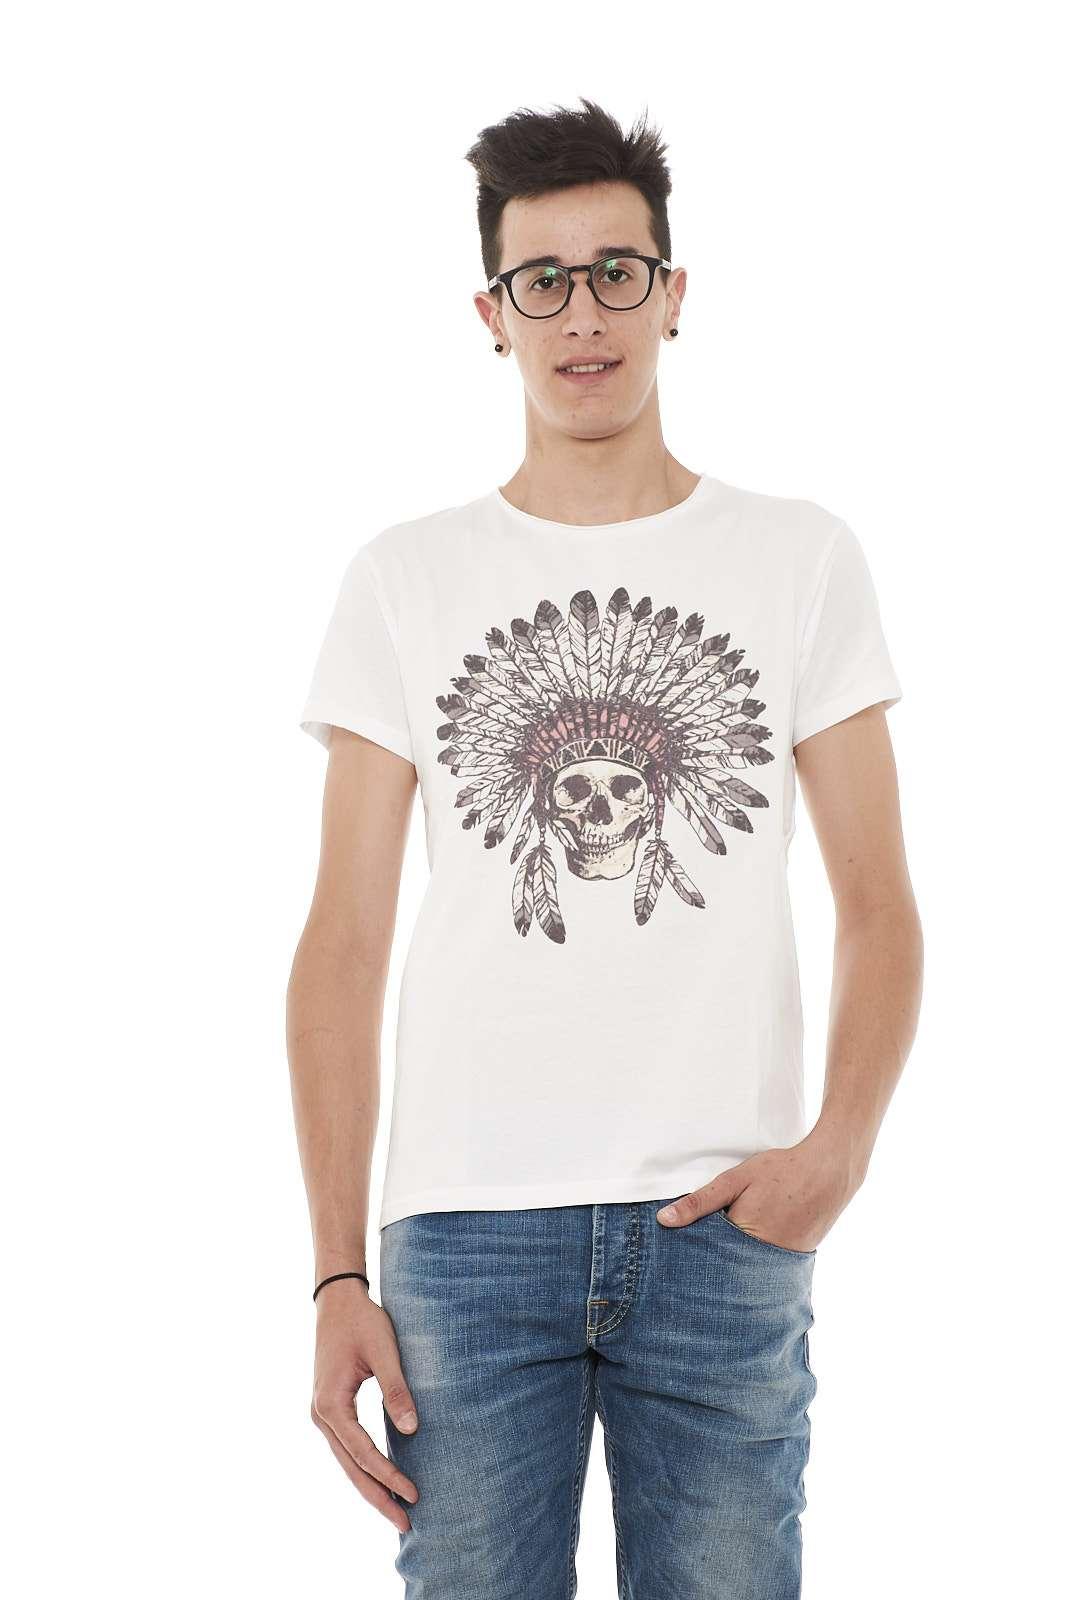 T-shirt in cotone, girocollo, maniche corte, girocollo dal taglio vivo, stampa anteriore.